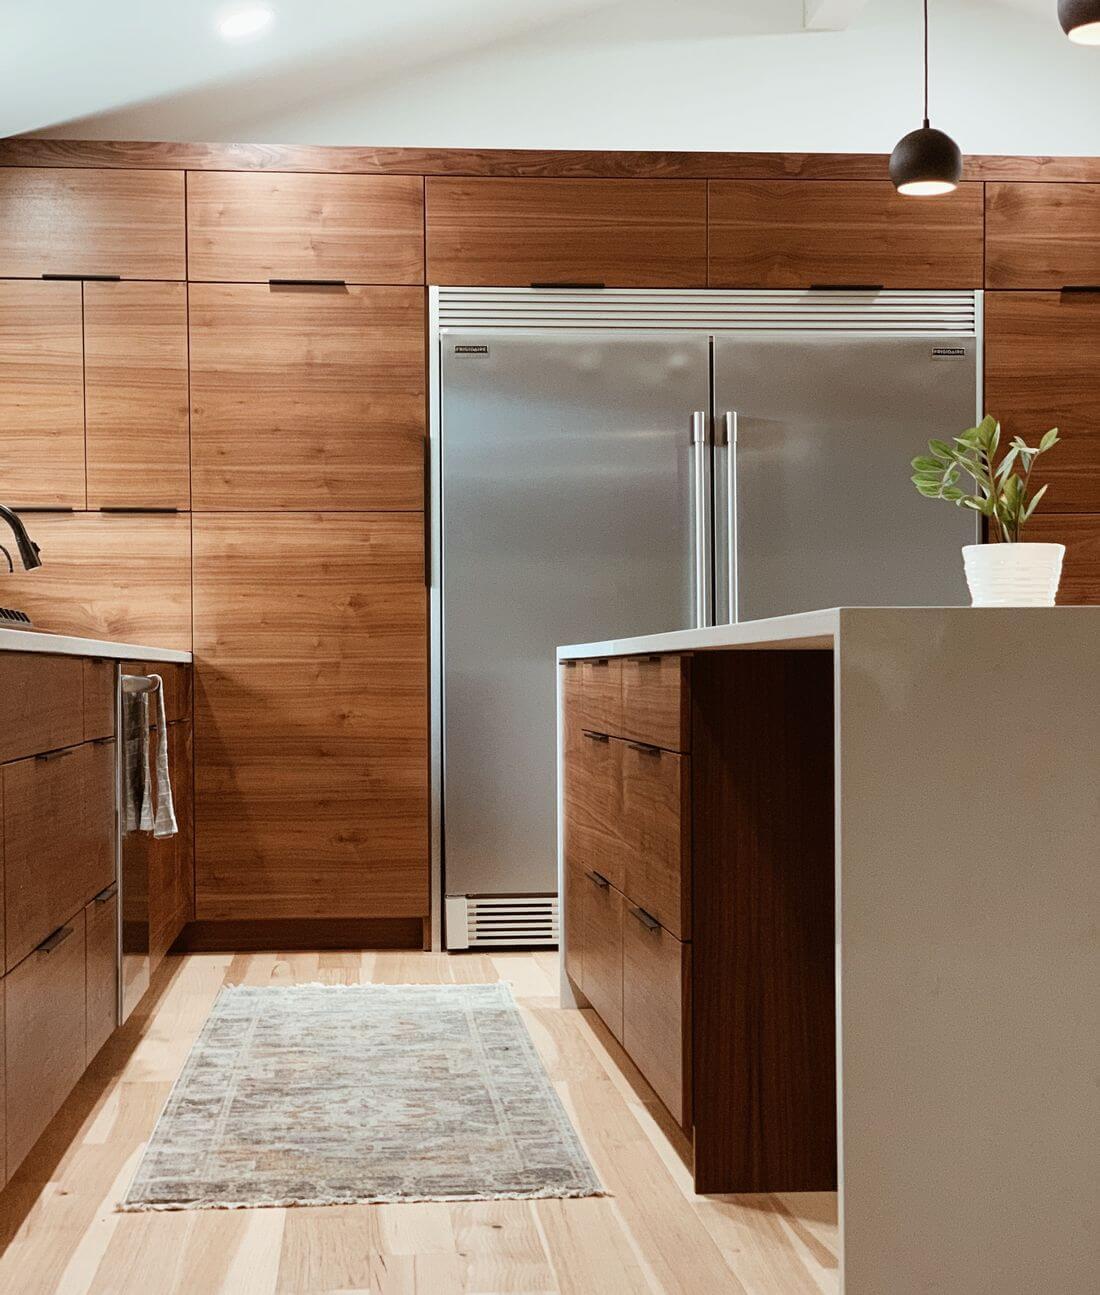 Drewniane Brązowe Półki i szafki w kuchni loftowej lodówka zamrażalnik z metalowymi drzwiami wyspa na środku kuchni loftowej